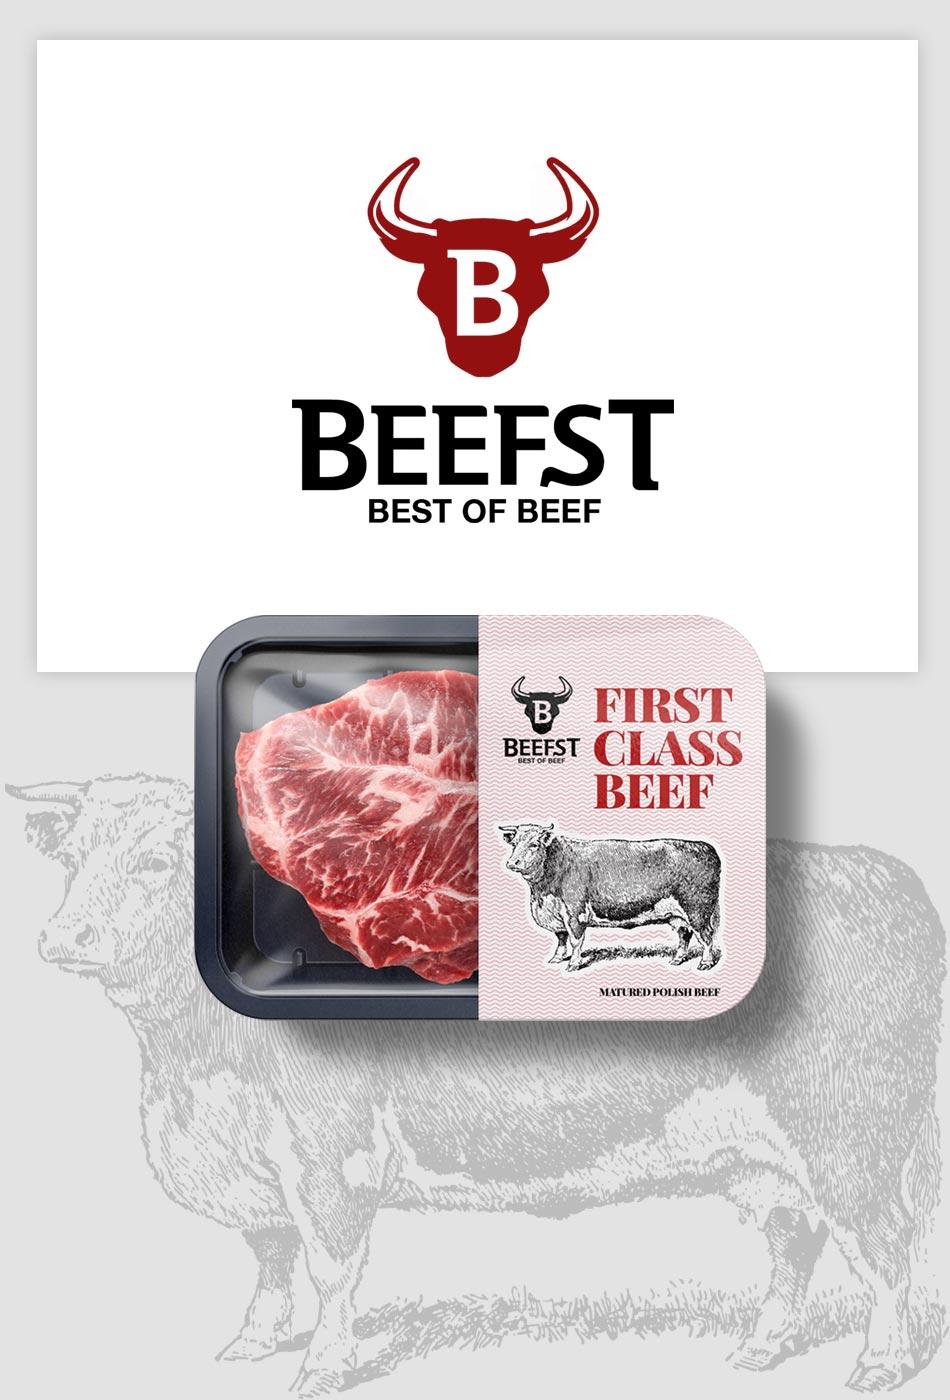 Propozycja nazw produktów dla firmy Beefst